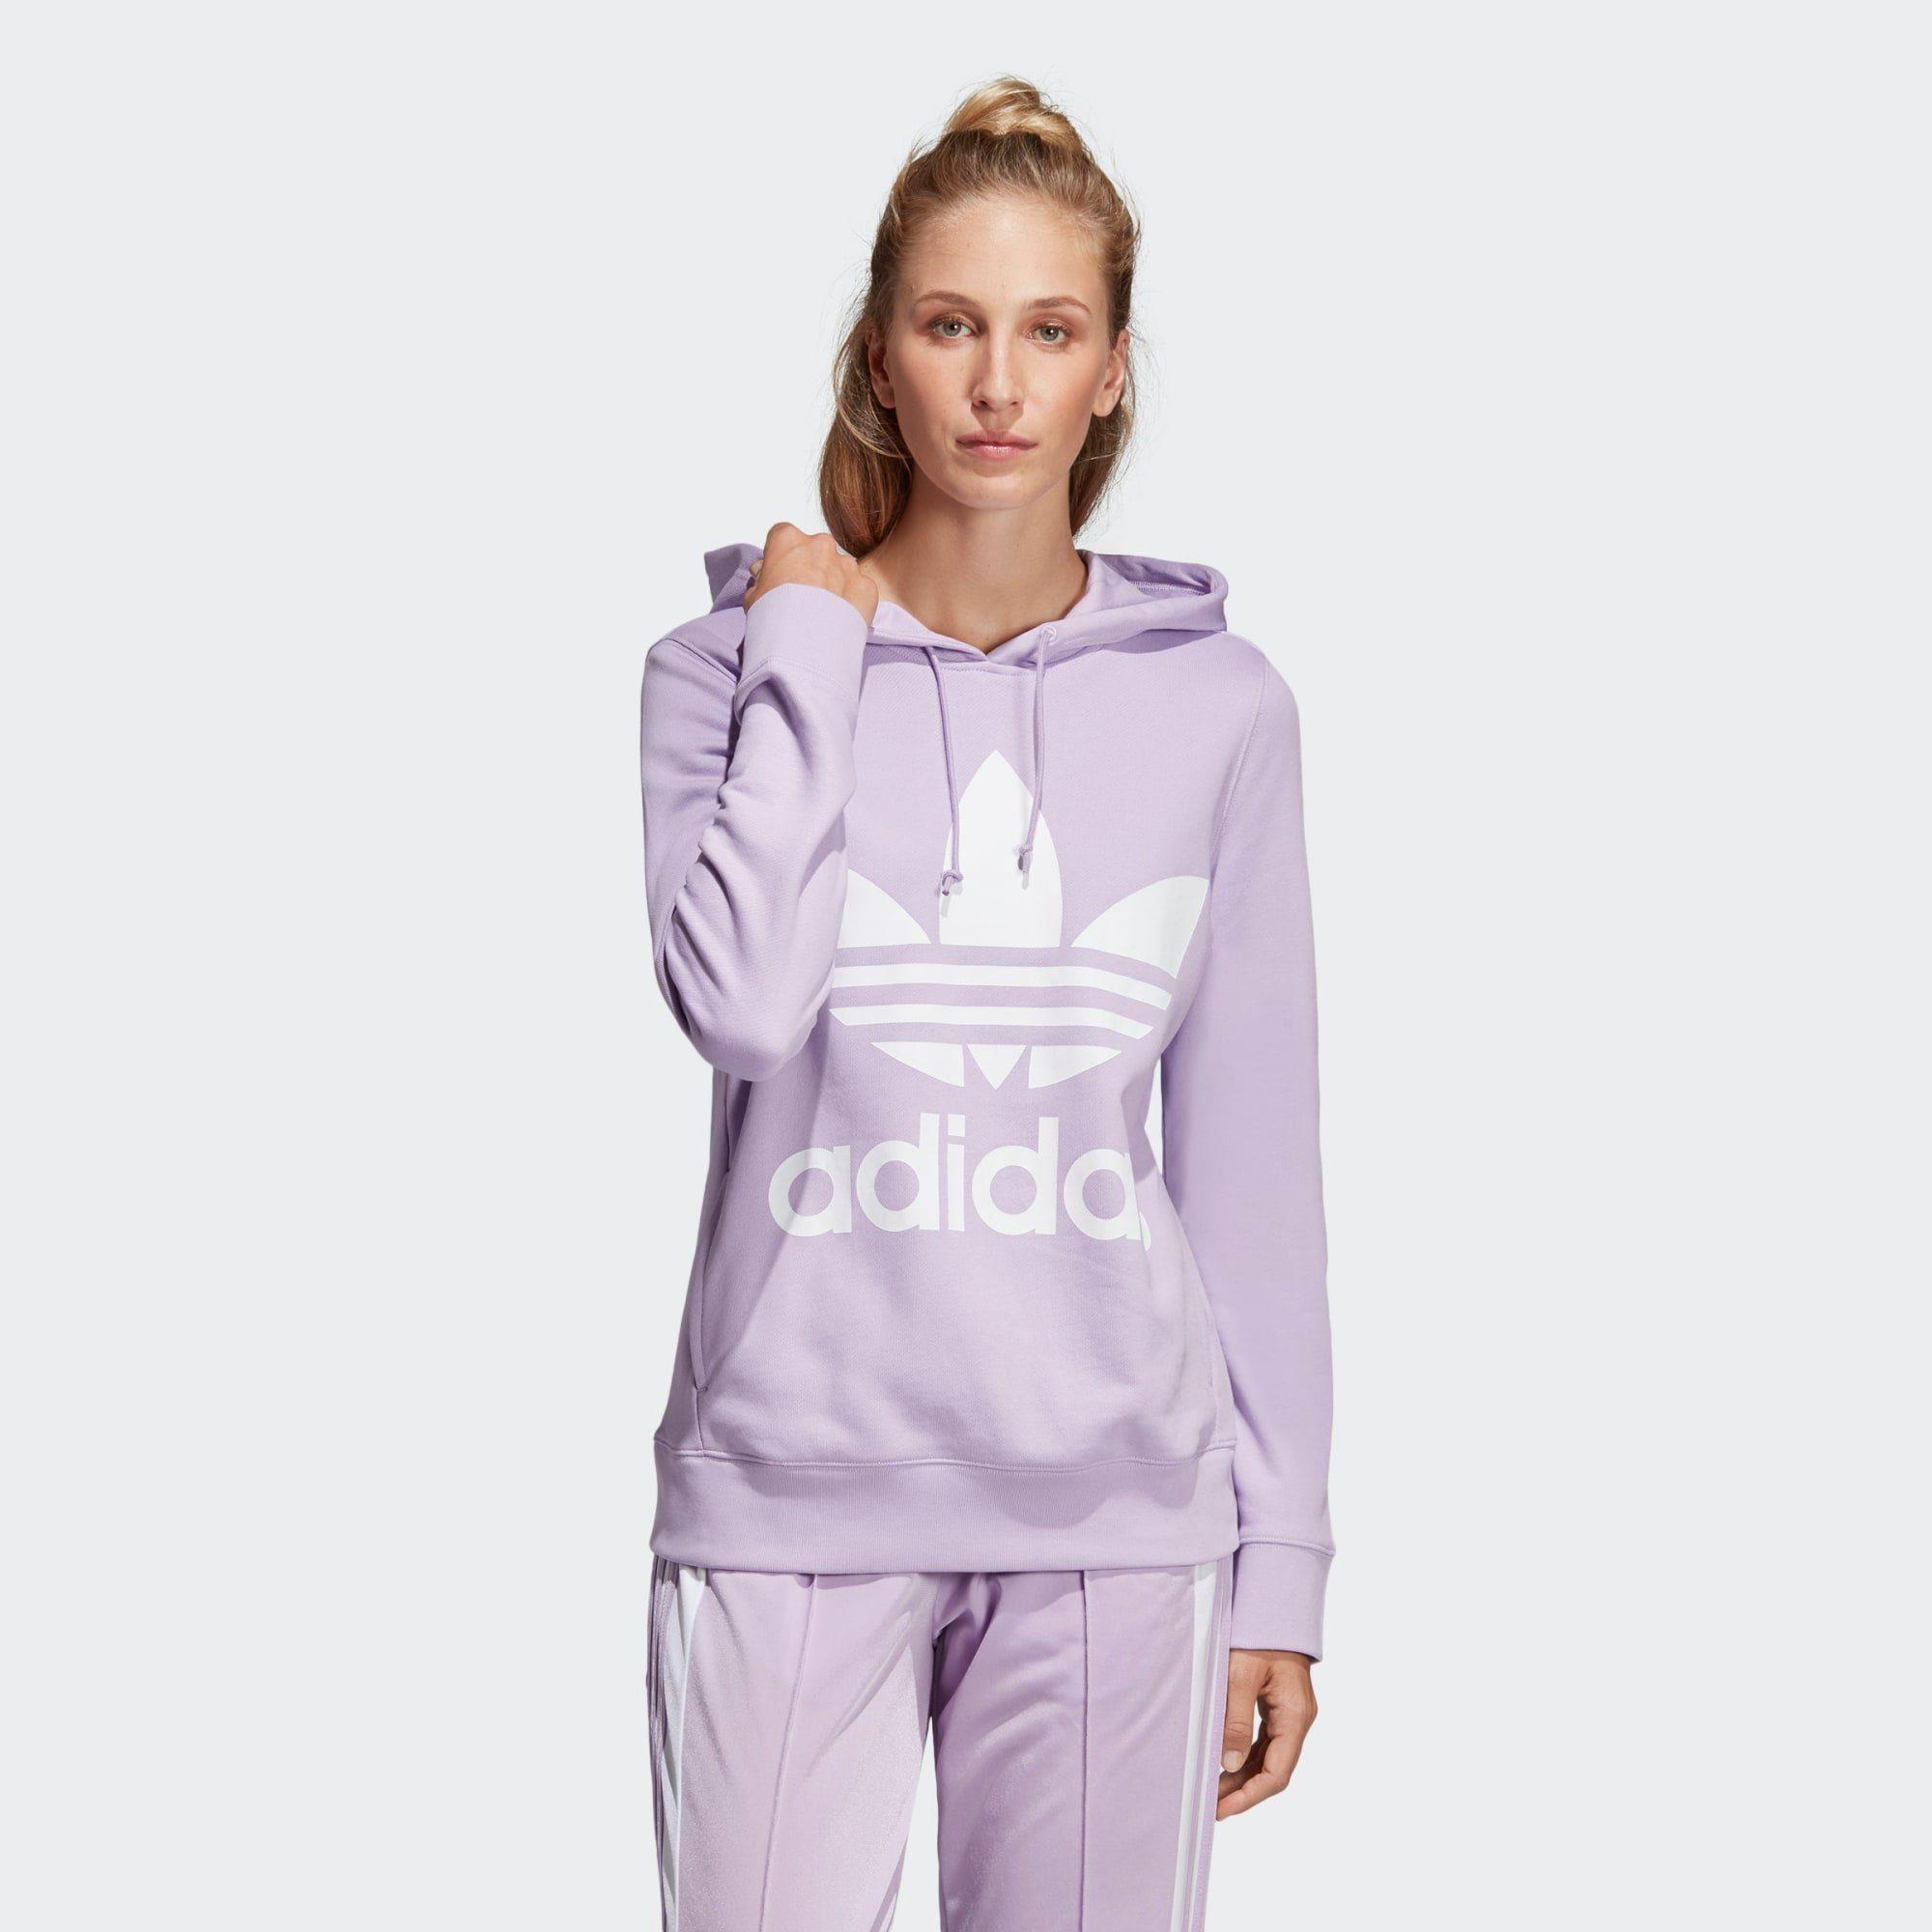 adidas Originals Trainingspullover »Trefoil Hoodie« adicolor, Langärmelig mit Rippbündchen online kaufen | OTTO